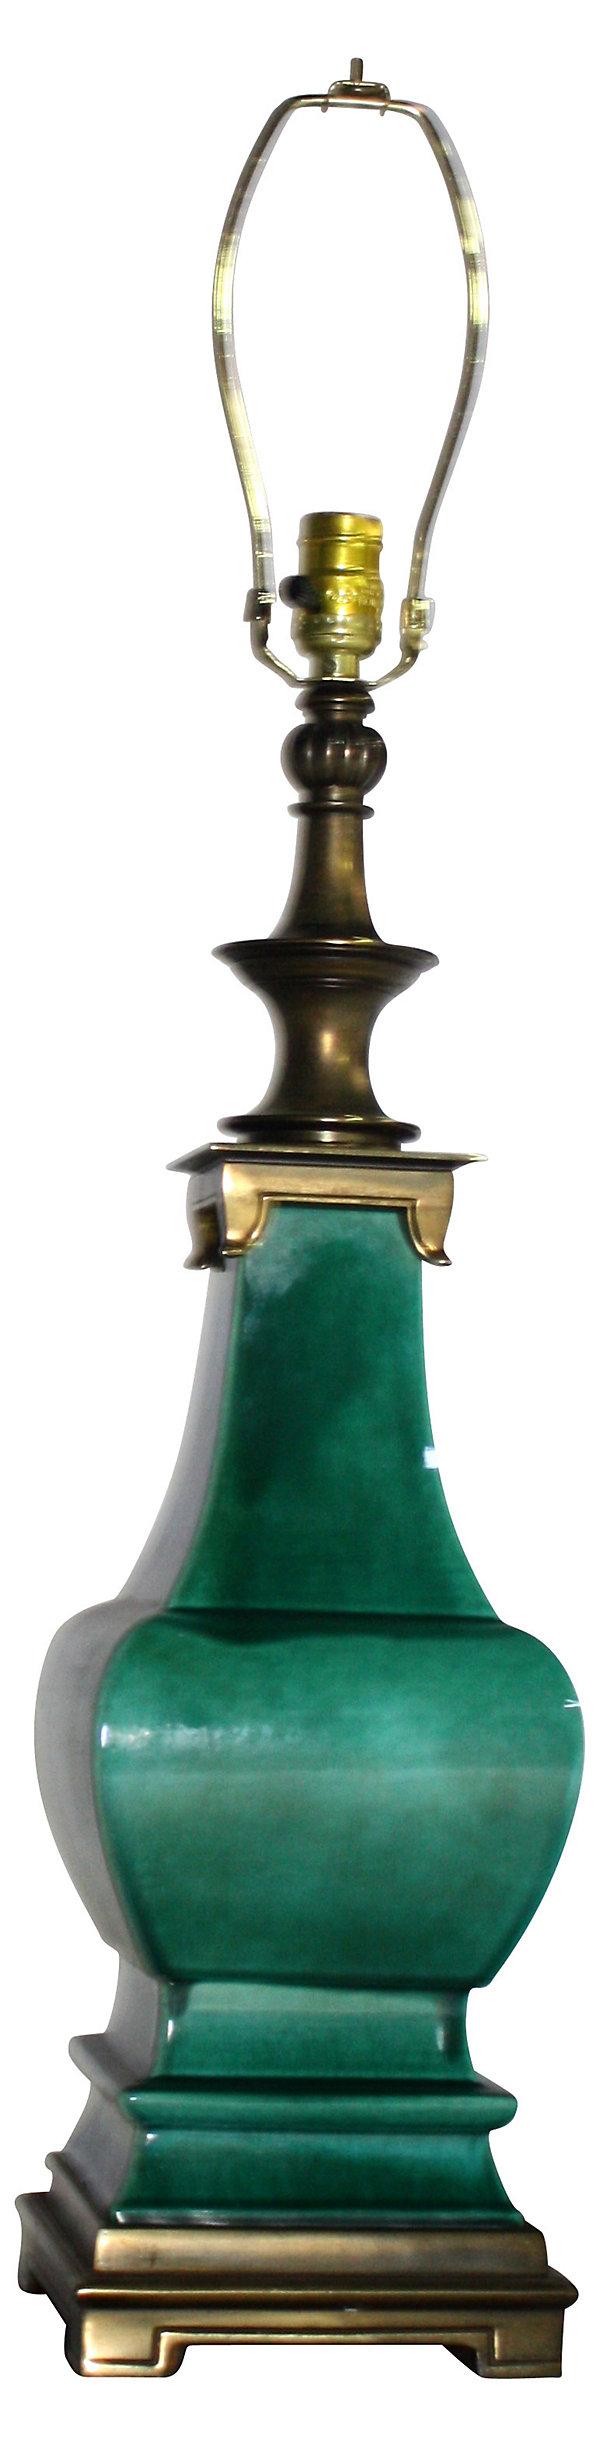 Stiffel Lamp | VMF - Lighting | One Kings Lane